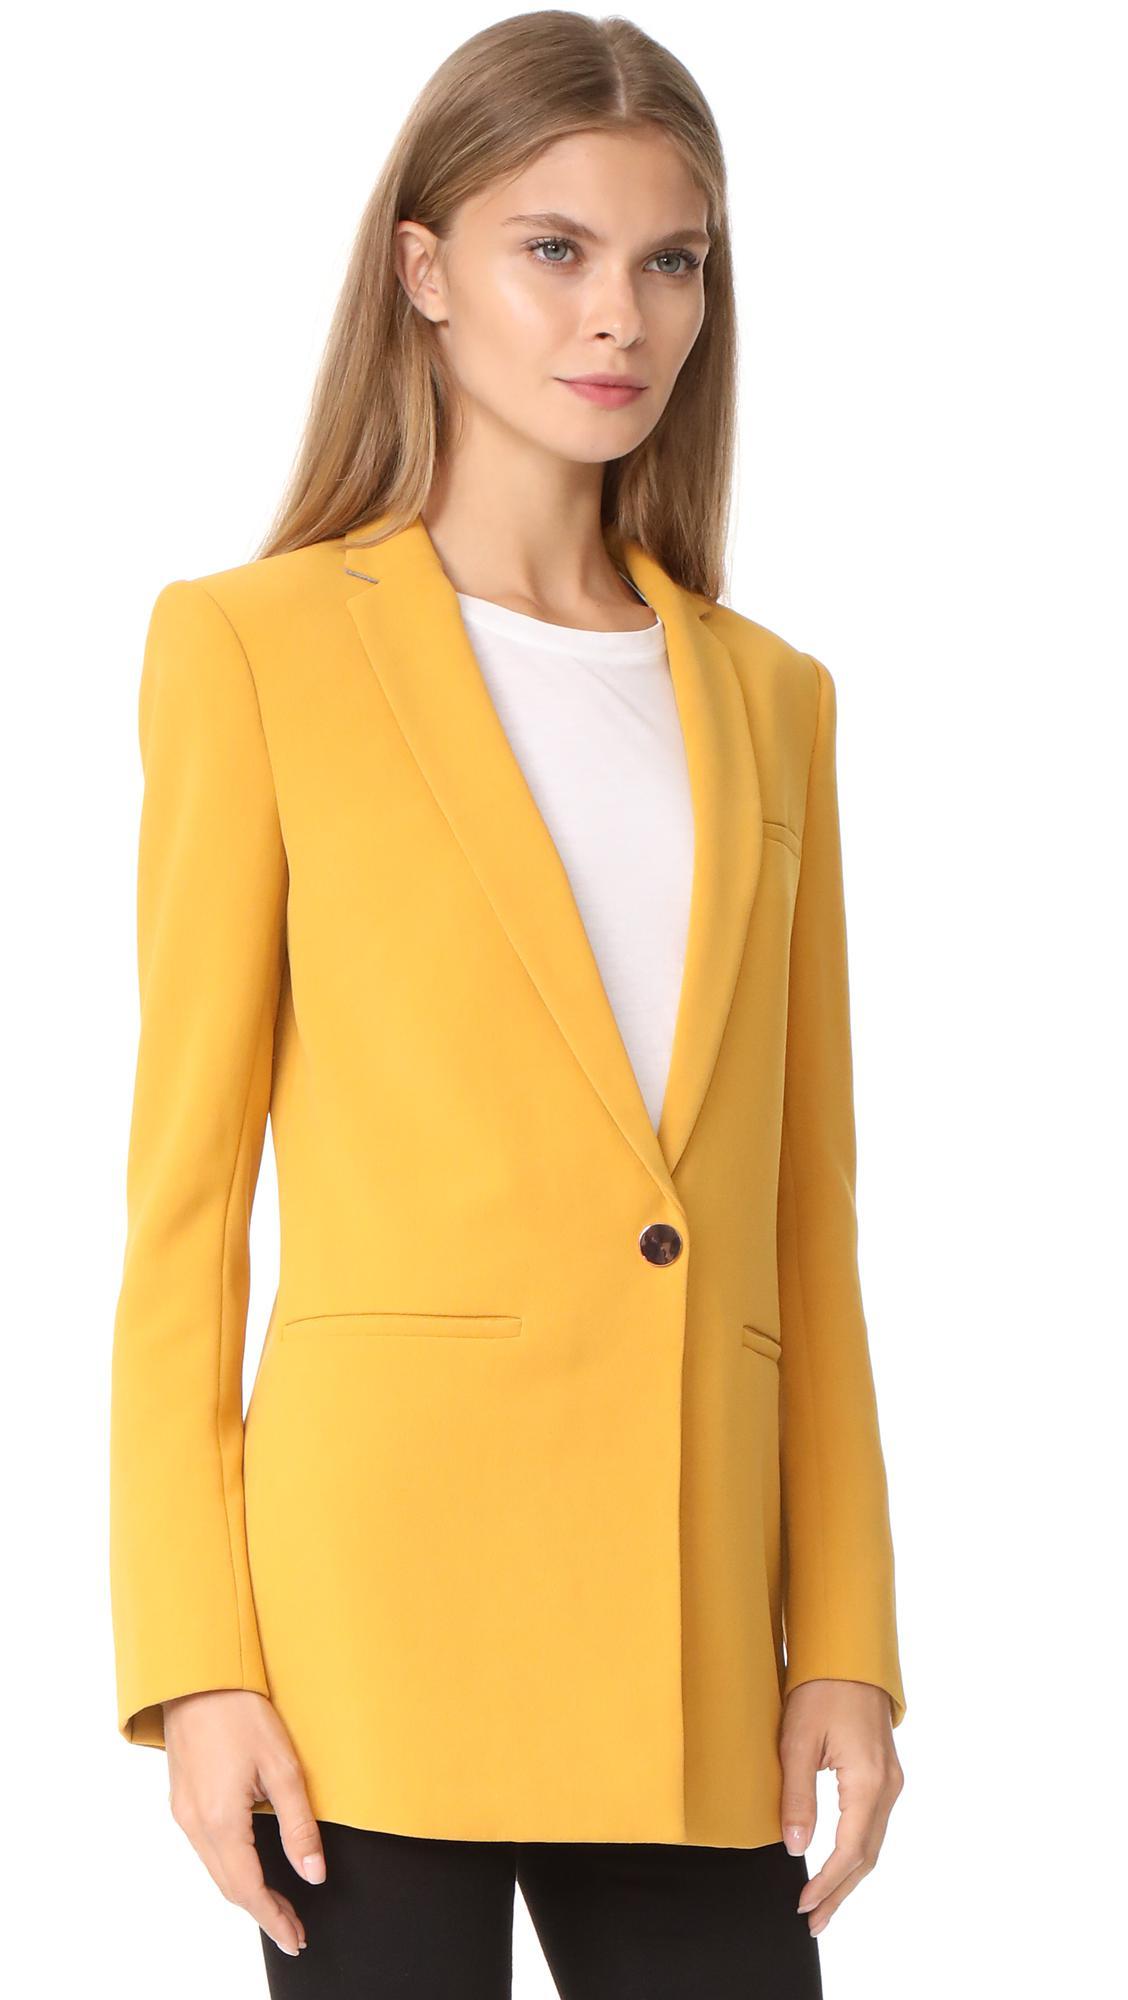 Blazers For Men Pinterest: Laveer Boyfriend Blazer In Yellow